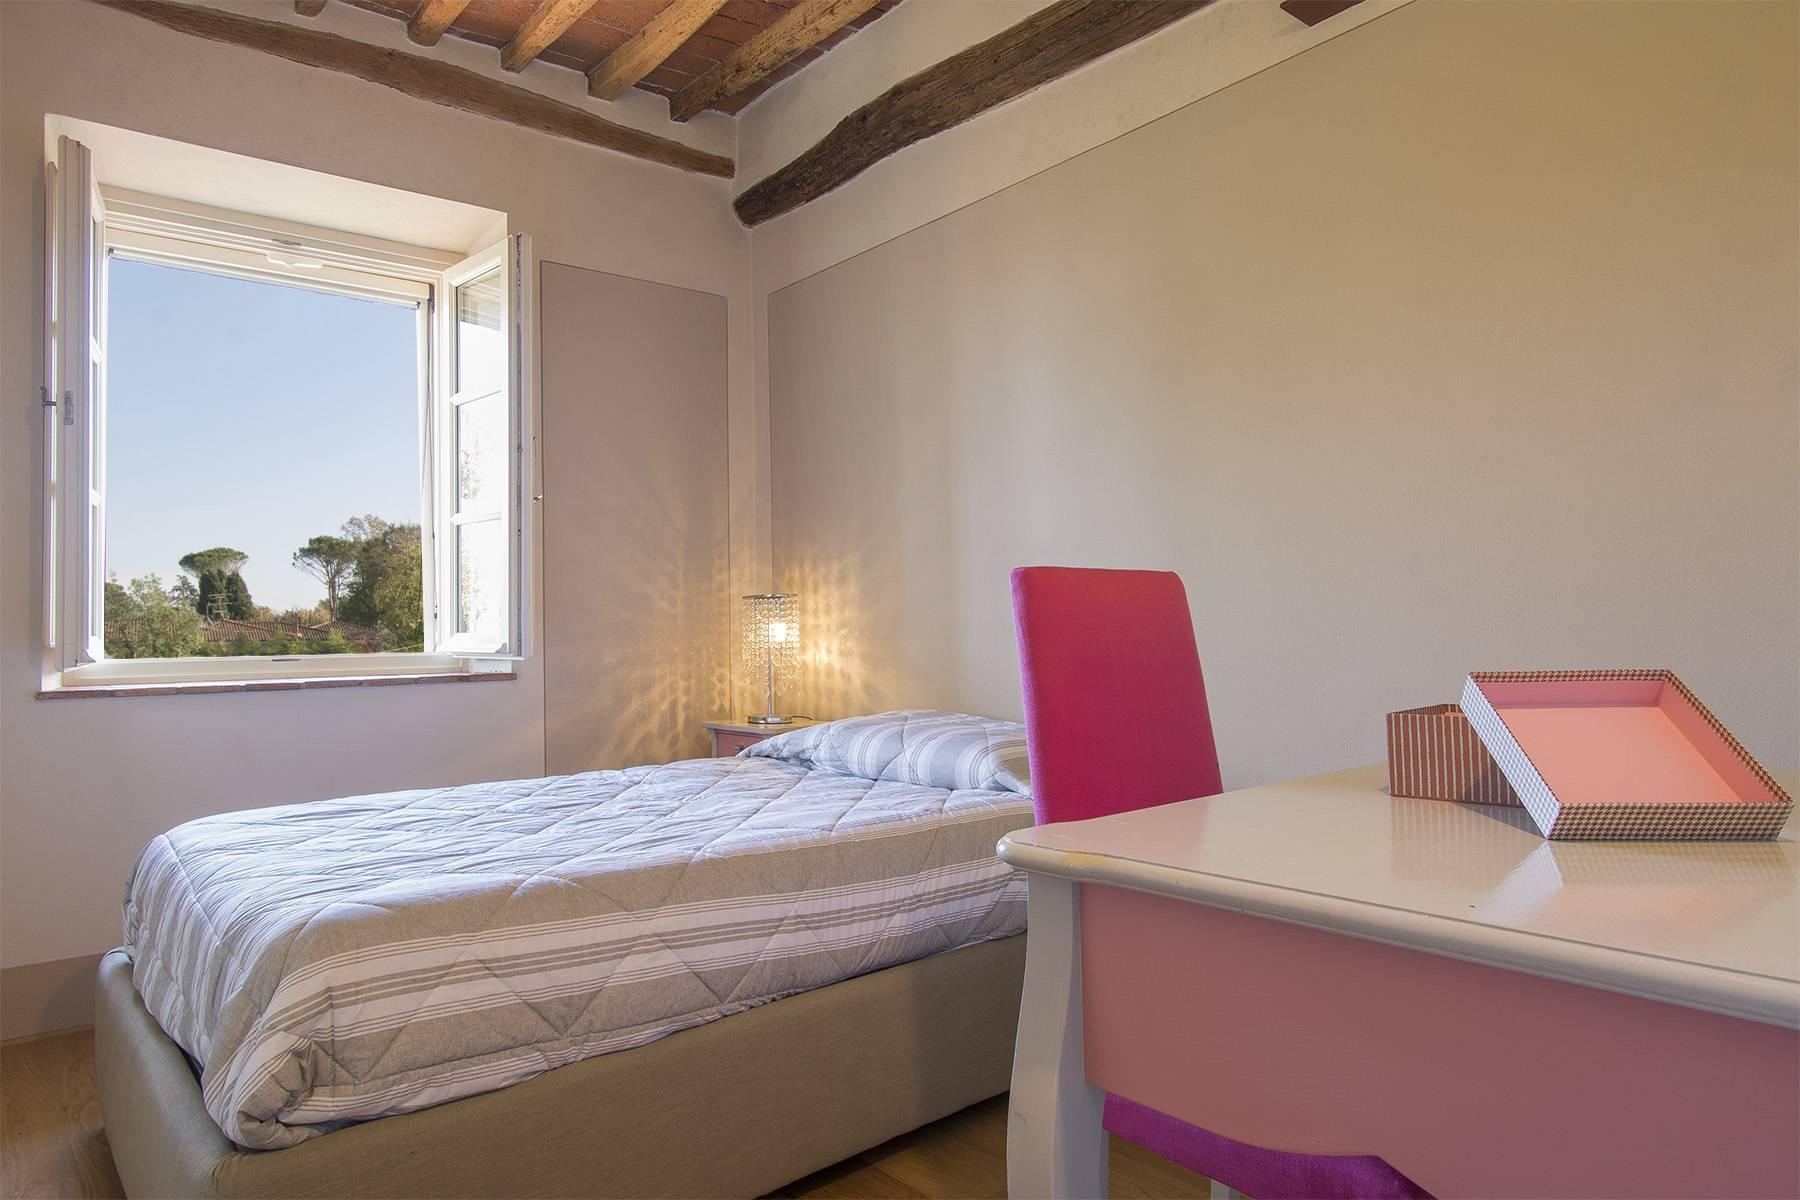 Casa indipendente in Vendita a Lucca: 5 locali, 130 mq - Foto 11